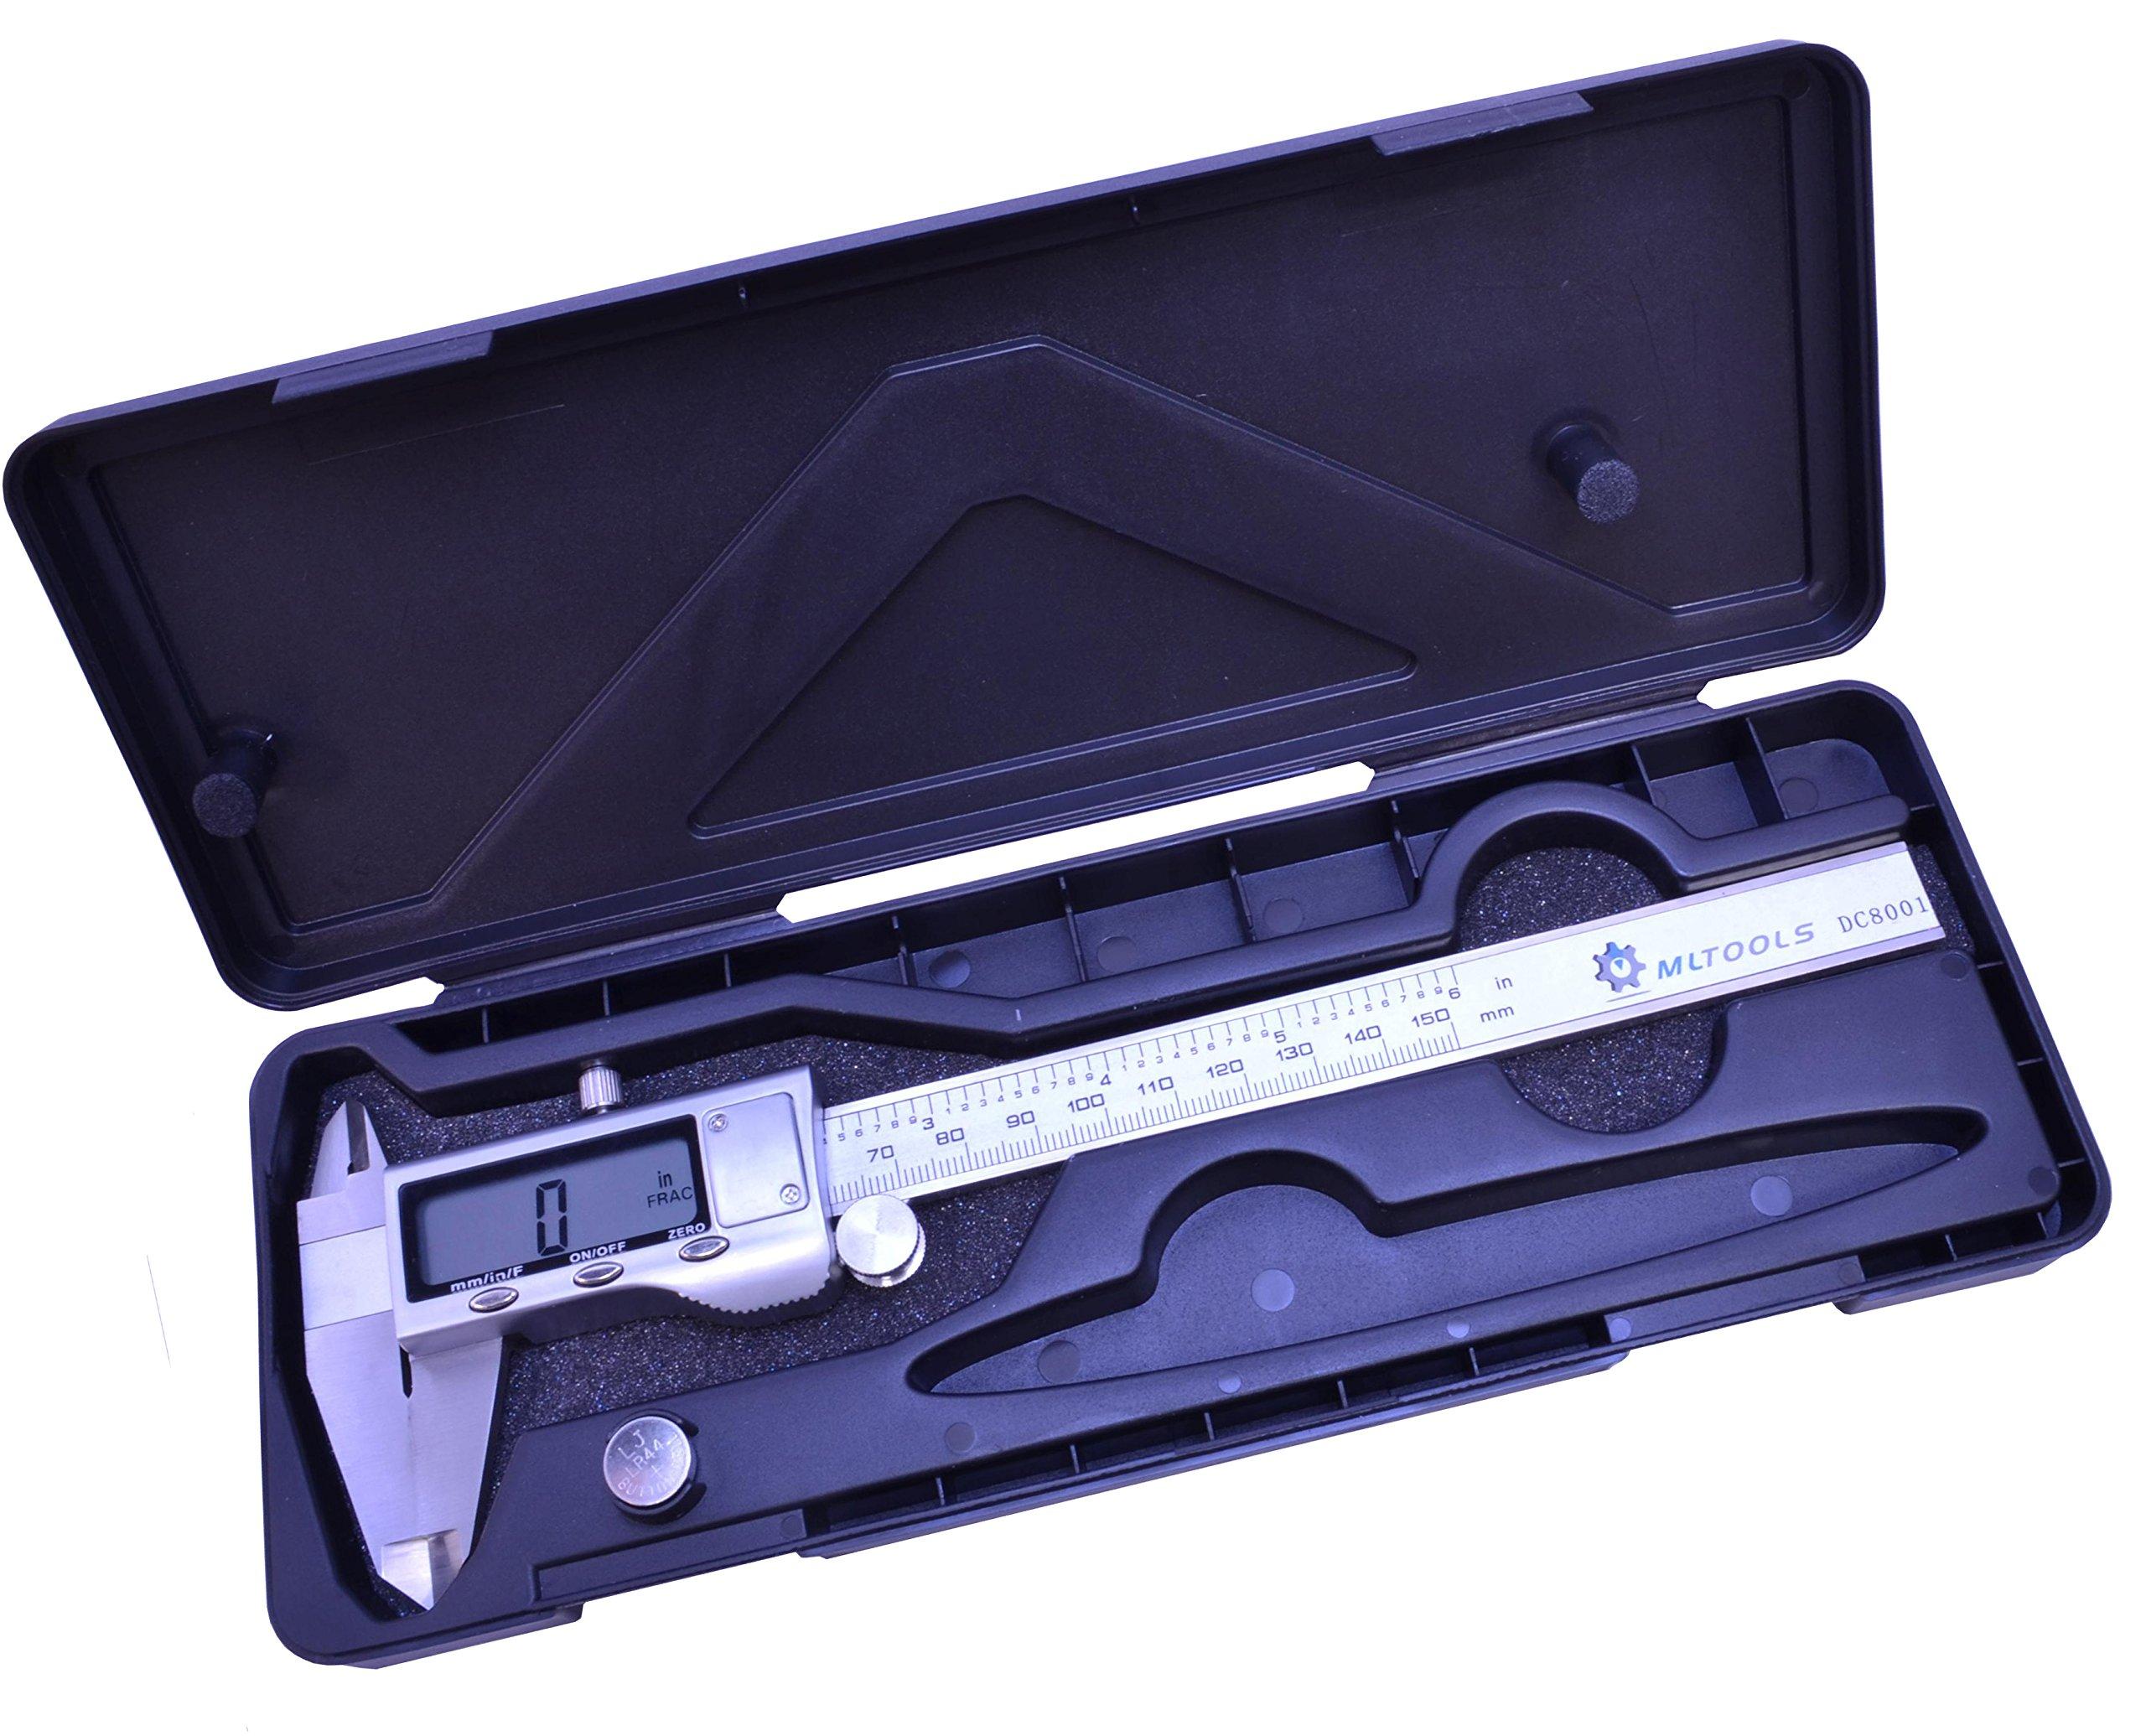 Digital Caliper | 6 inch Precision Caliper | Stainless Steel Digital Caliper | Metric, Fractions & inch 3 in 1 Caliper | DC8001